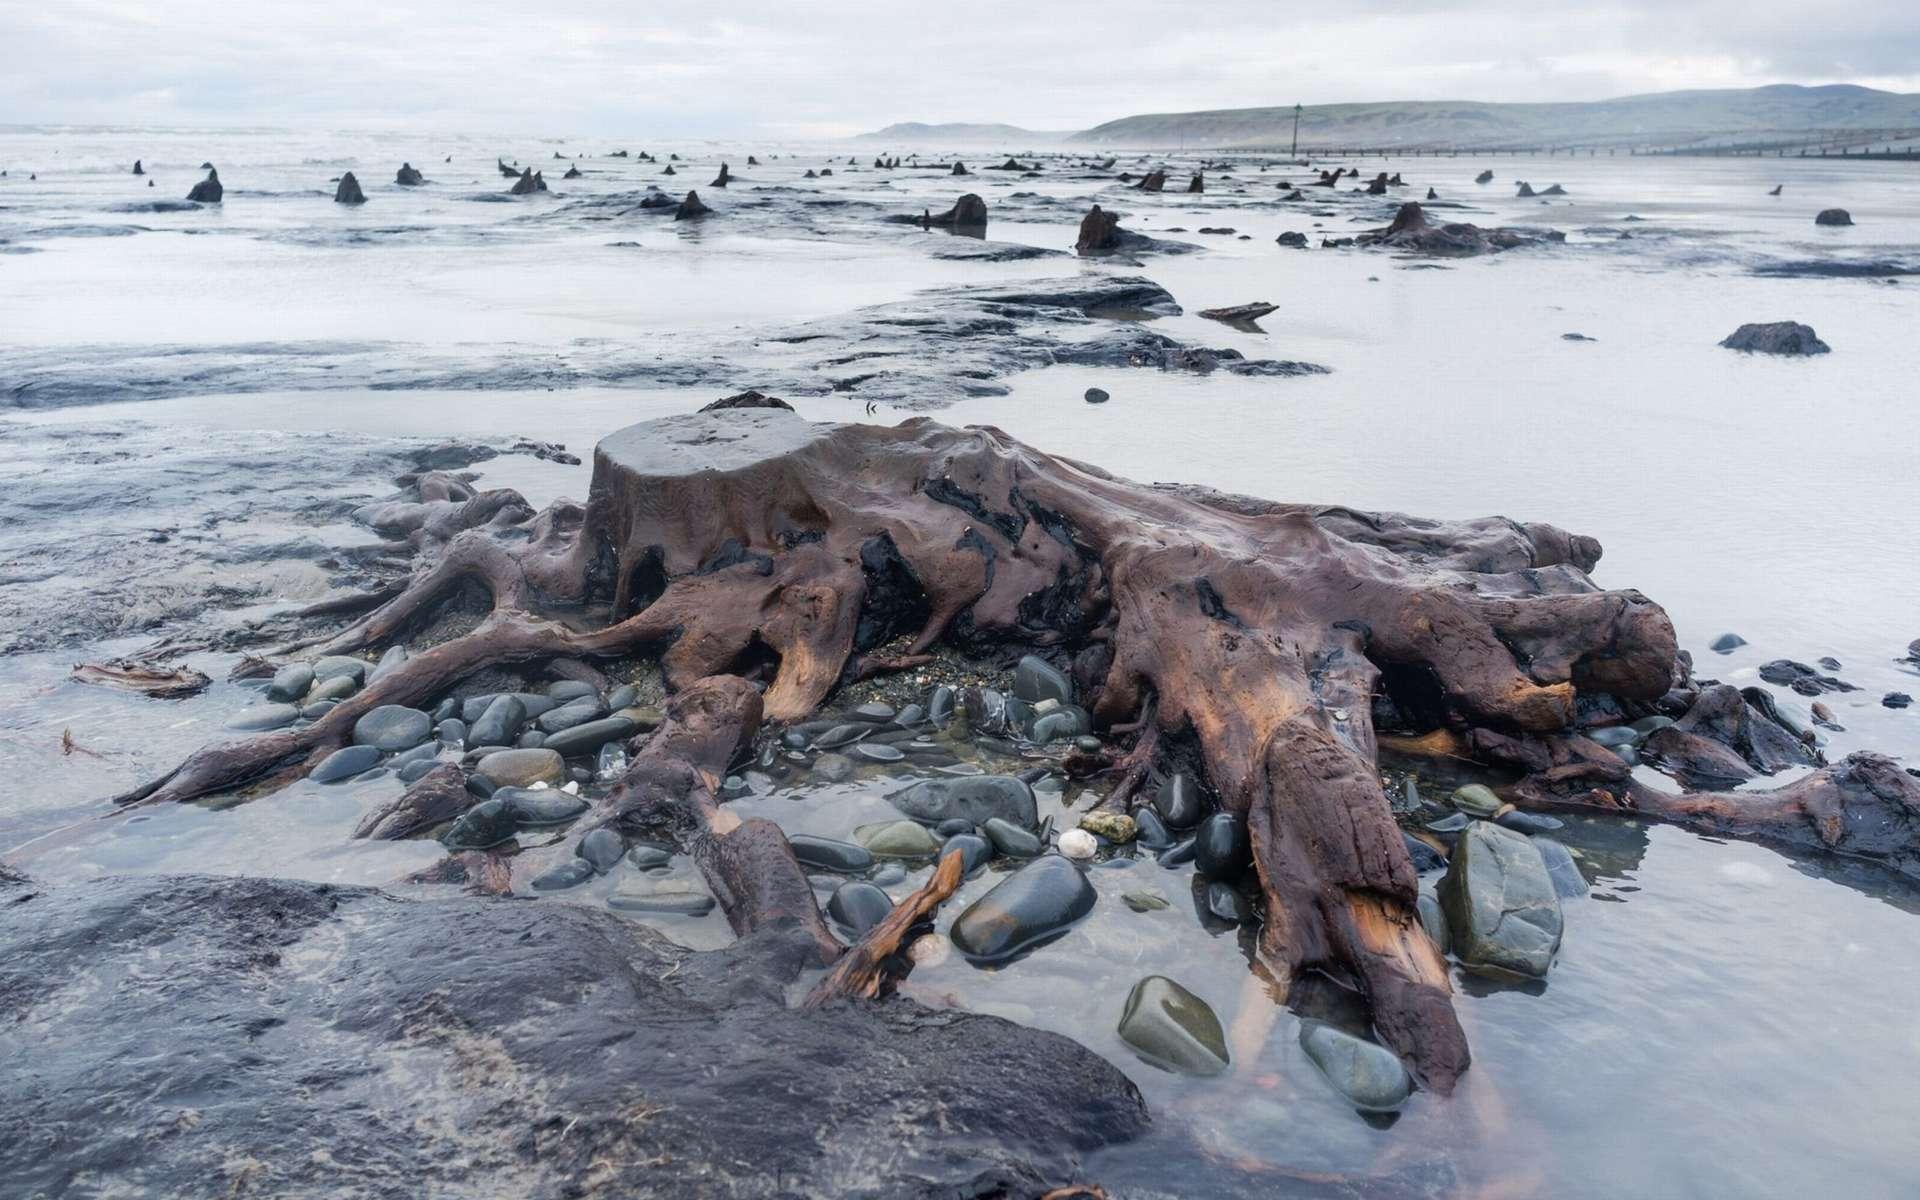 Une forêt préhistorique émerge sur une plage du Pays de Galles. © Welsh photographs